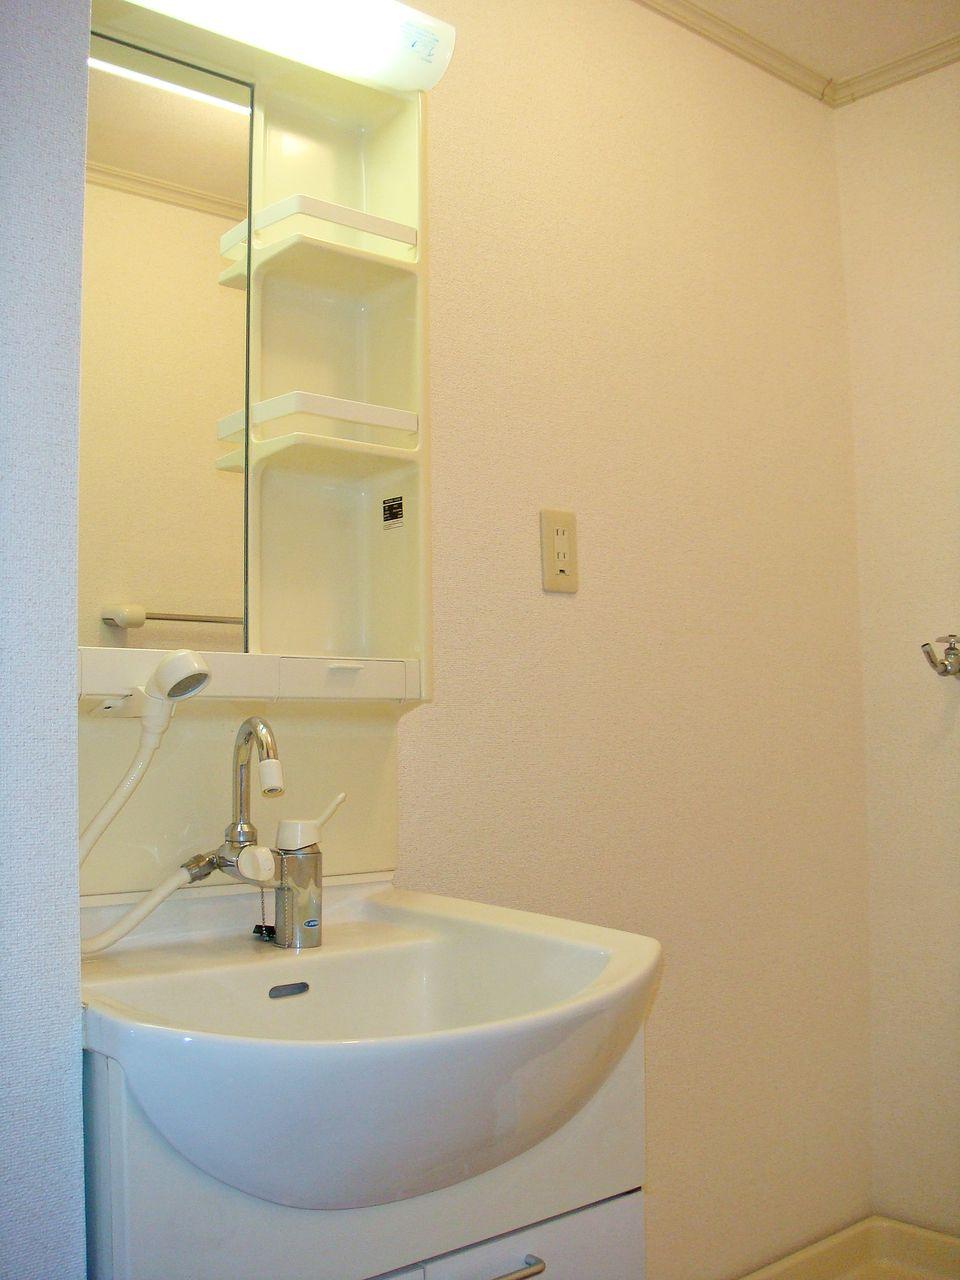 寝癖直し、洗面台の掃除の際に大活躍するハンドシャワー付き洗面台です。